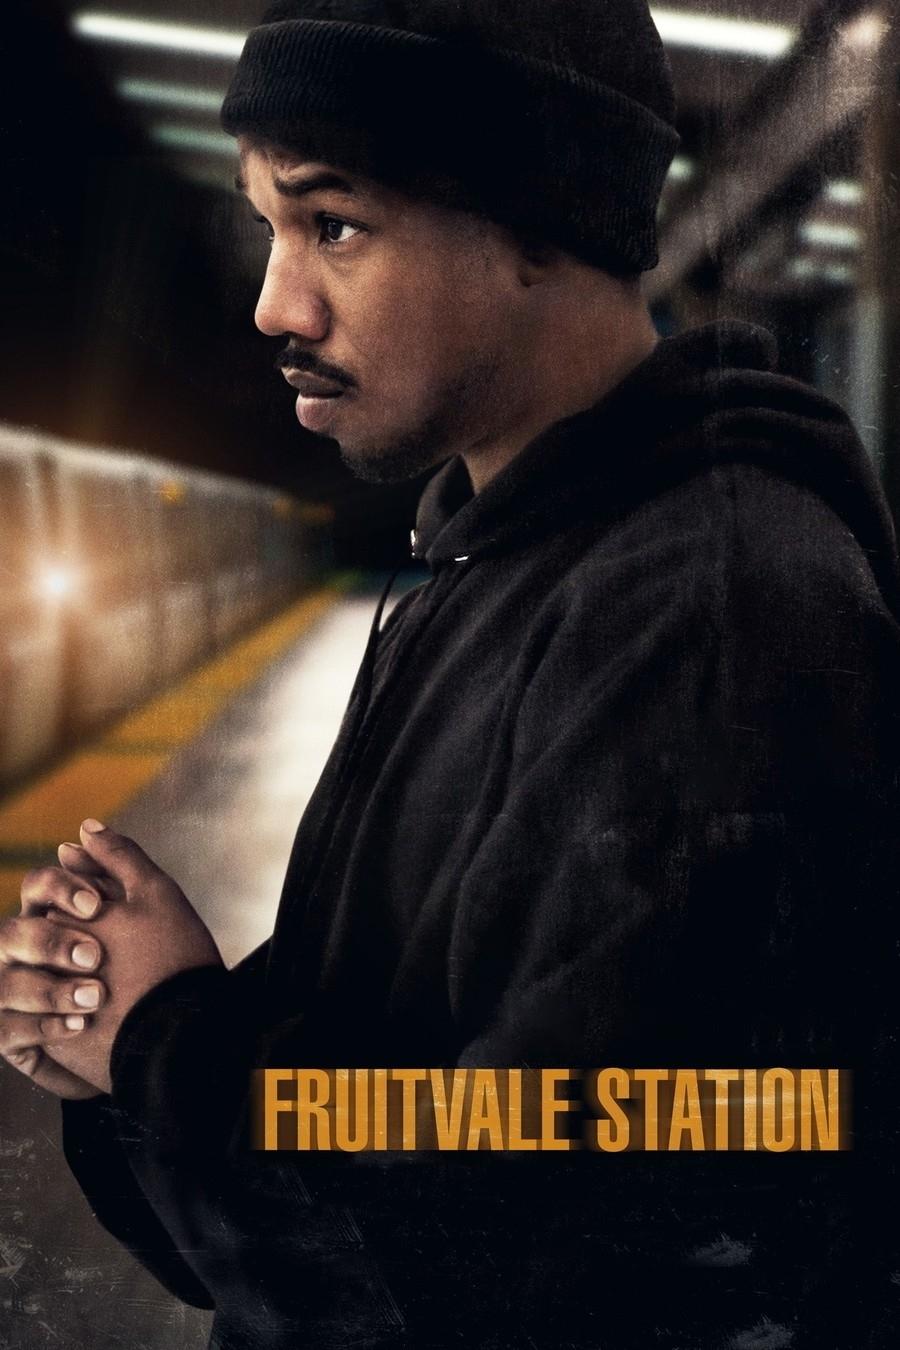 Fruitvale Station - A Última Paragem